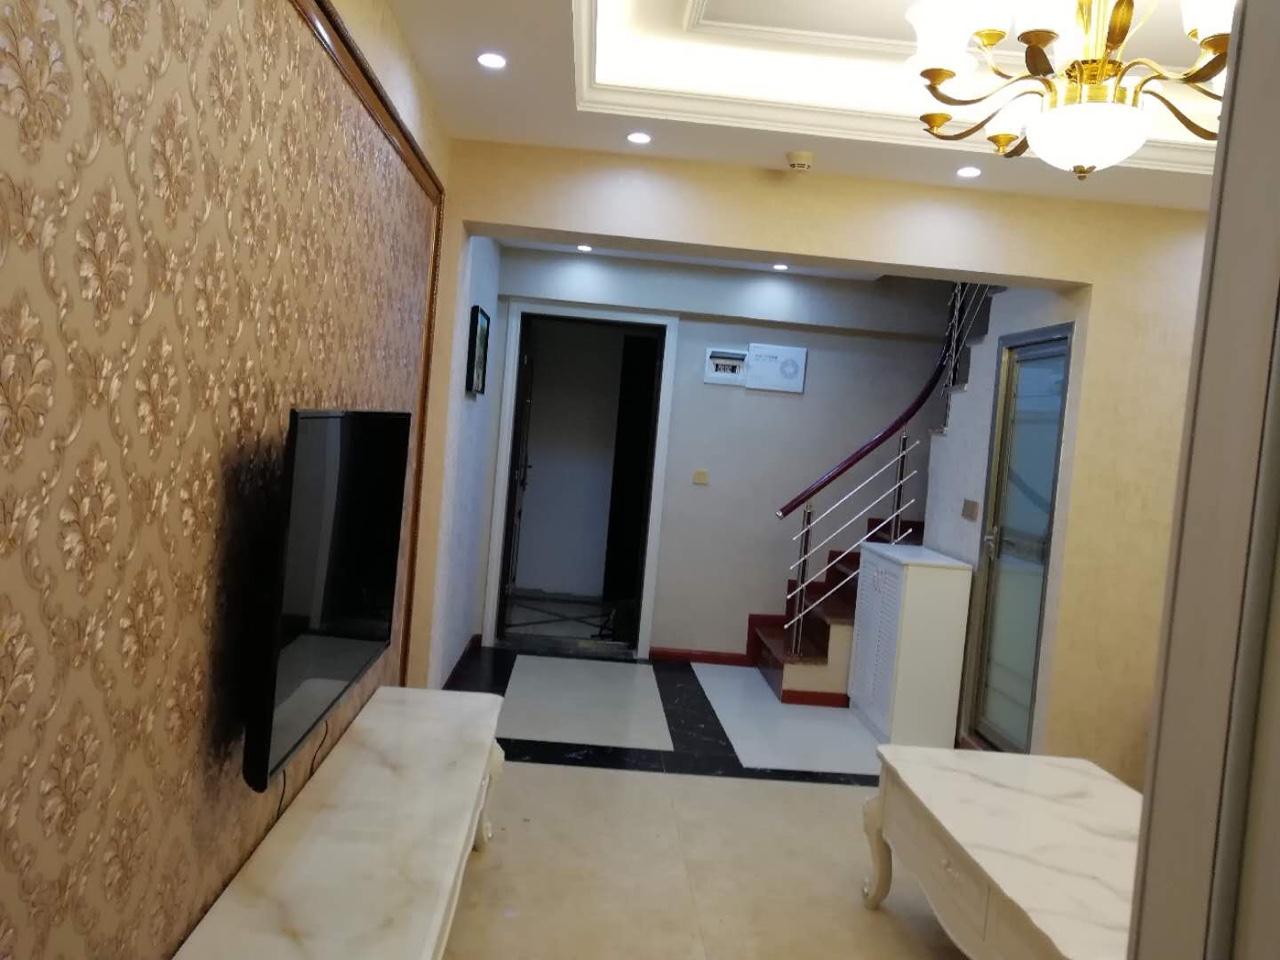 龙腾龙泰百货楼上17楼2室2厅2卫56万元